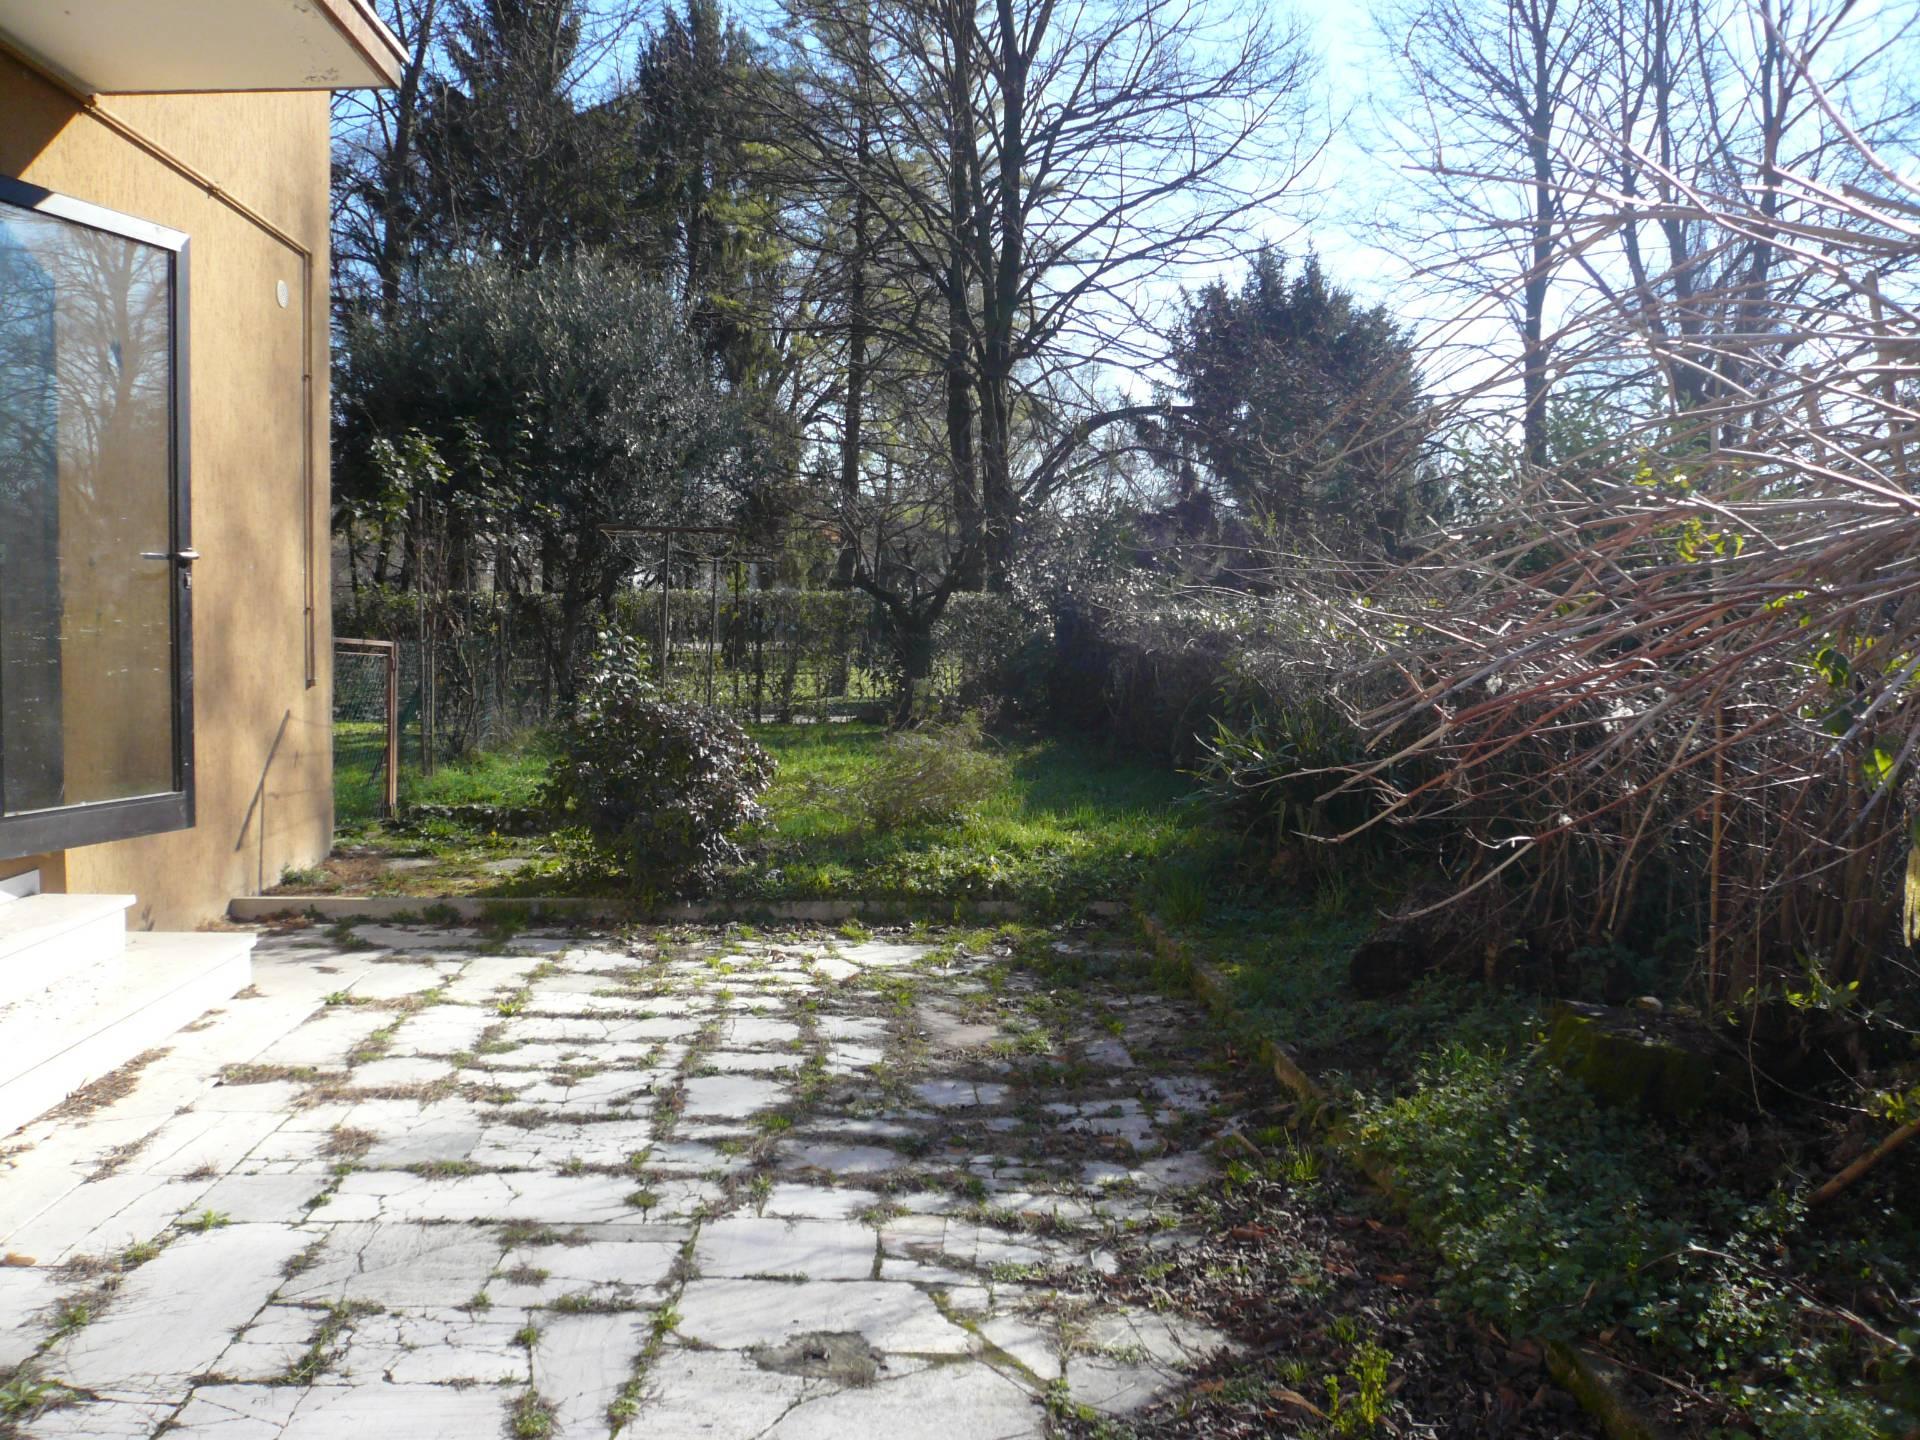 Appartamento in vendita a San Biagio di Callalta, 5 locali, zona Località: Olmi, prezzo € 120.000   Cambio Casa.it